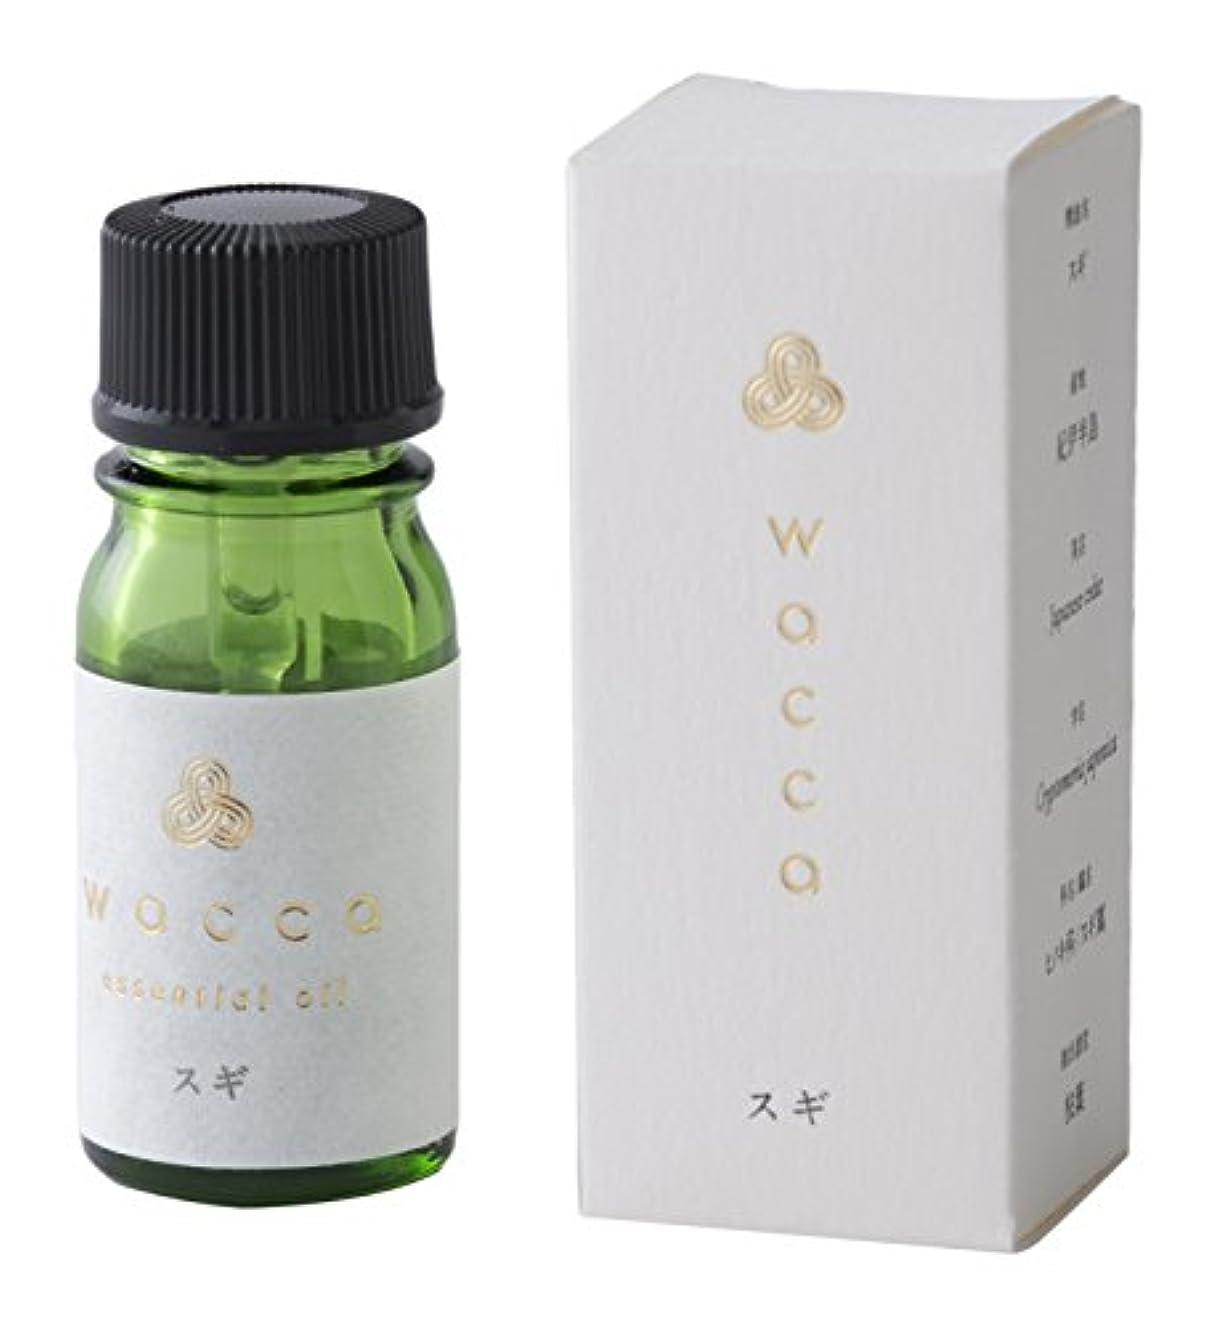 飢賠償アピールwacca ワッカ エッセンシャルオイル 5ml 杉 スギ Japanese cedar essential oil 和精油 KUSU HANDMADE